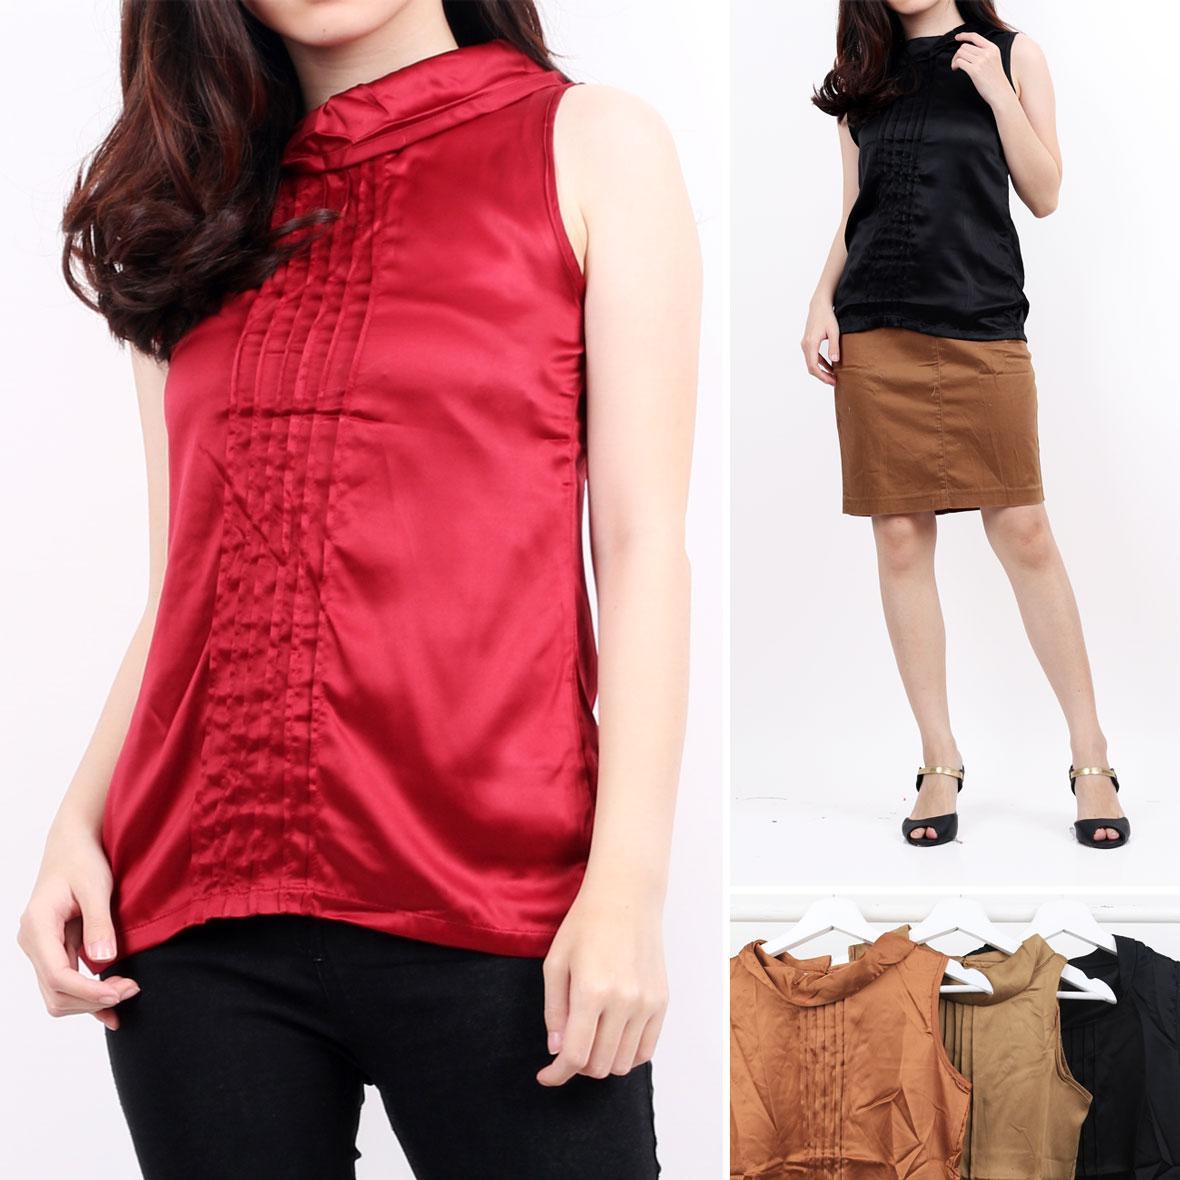 Oma Fashion Adelaide Blouse Sleeveless 4 Warna-Size M